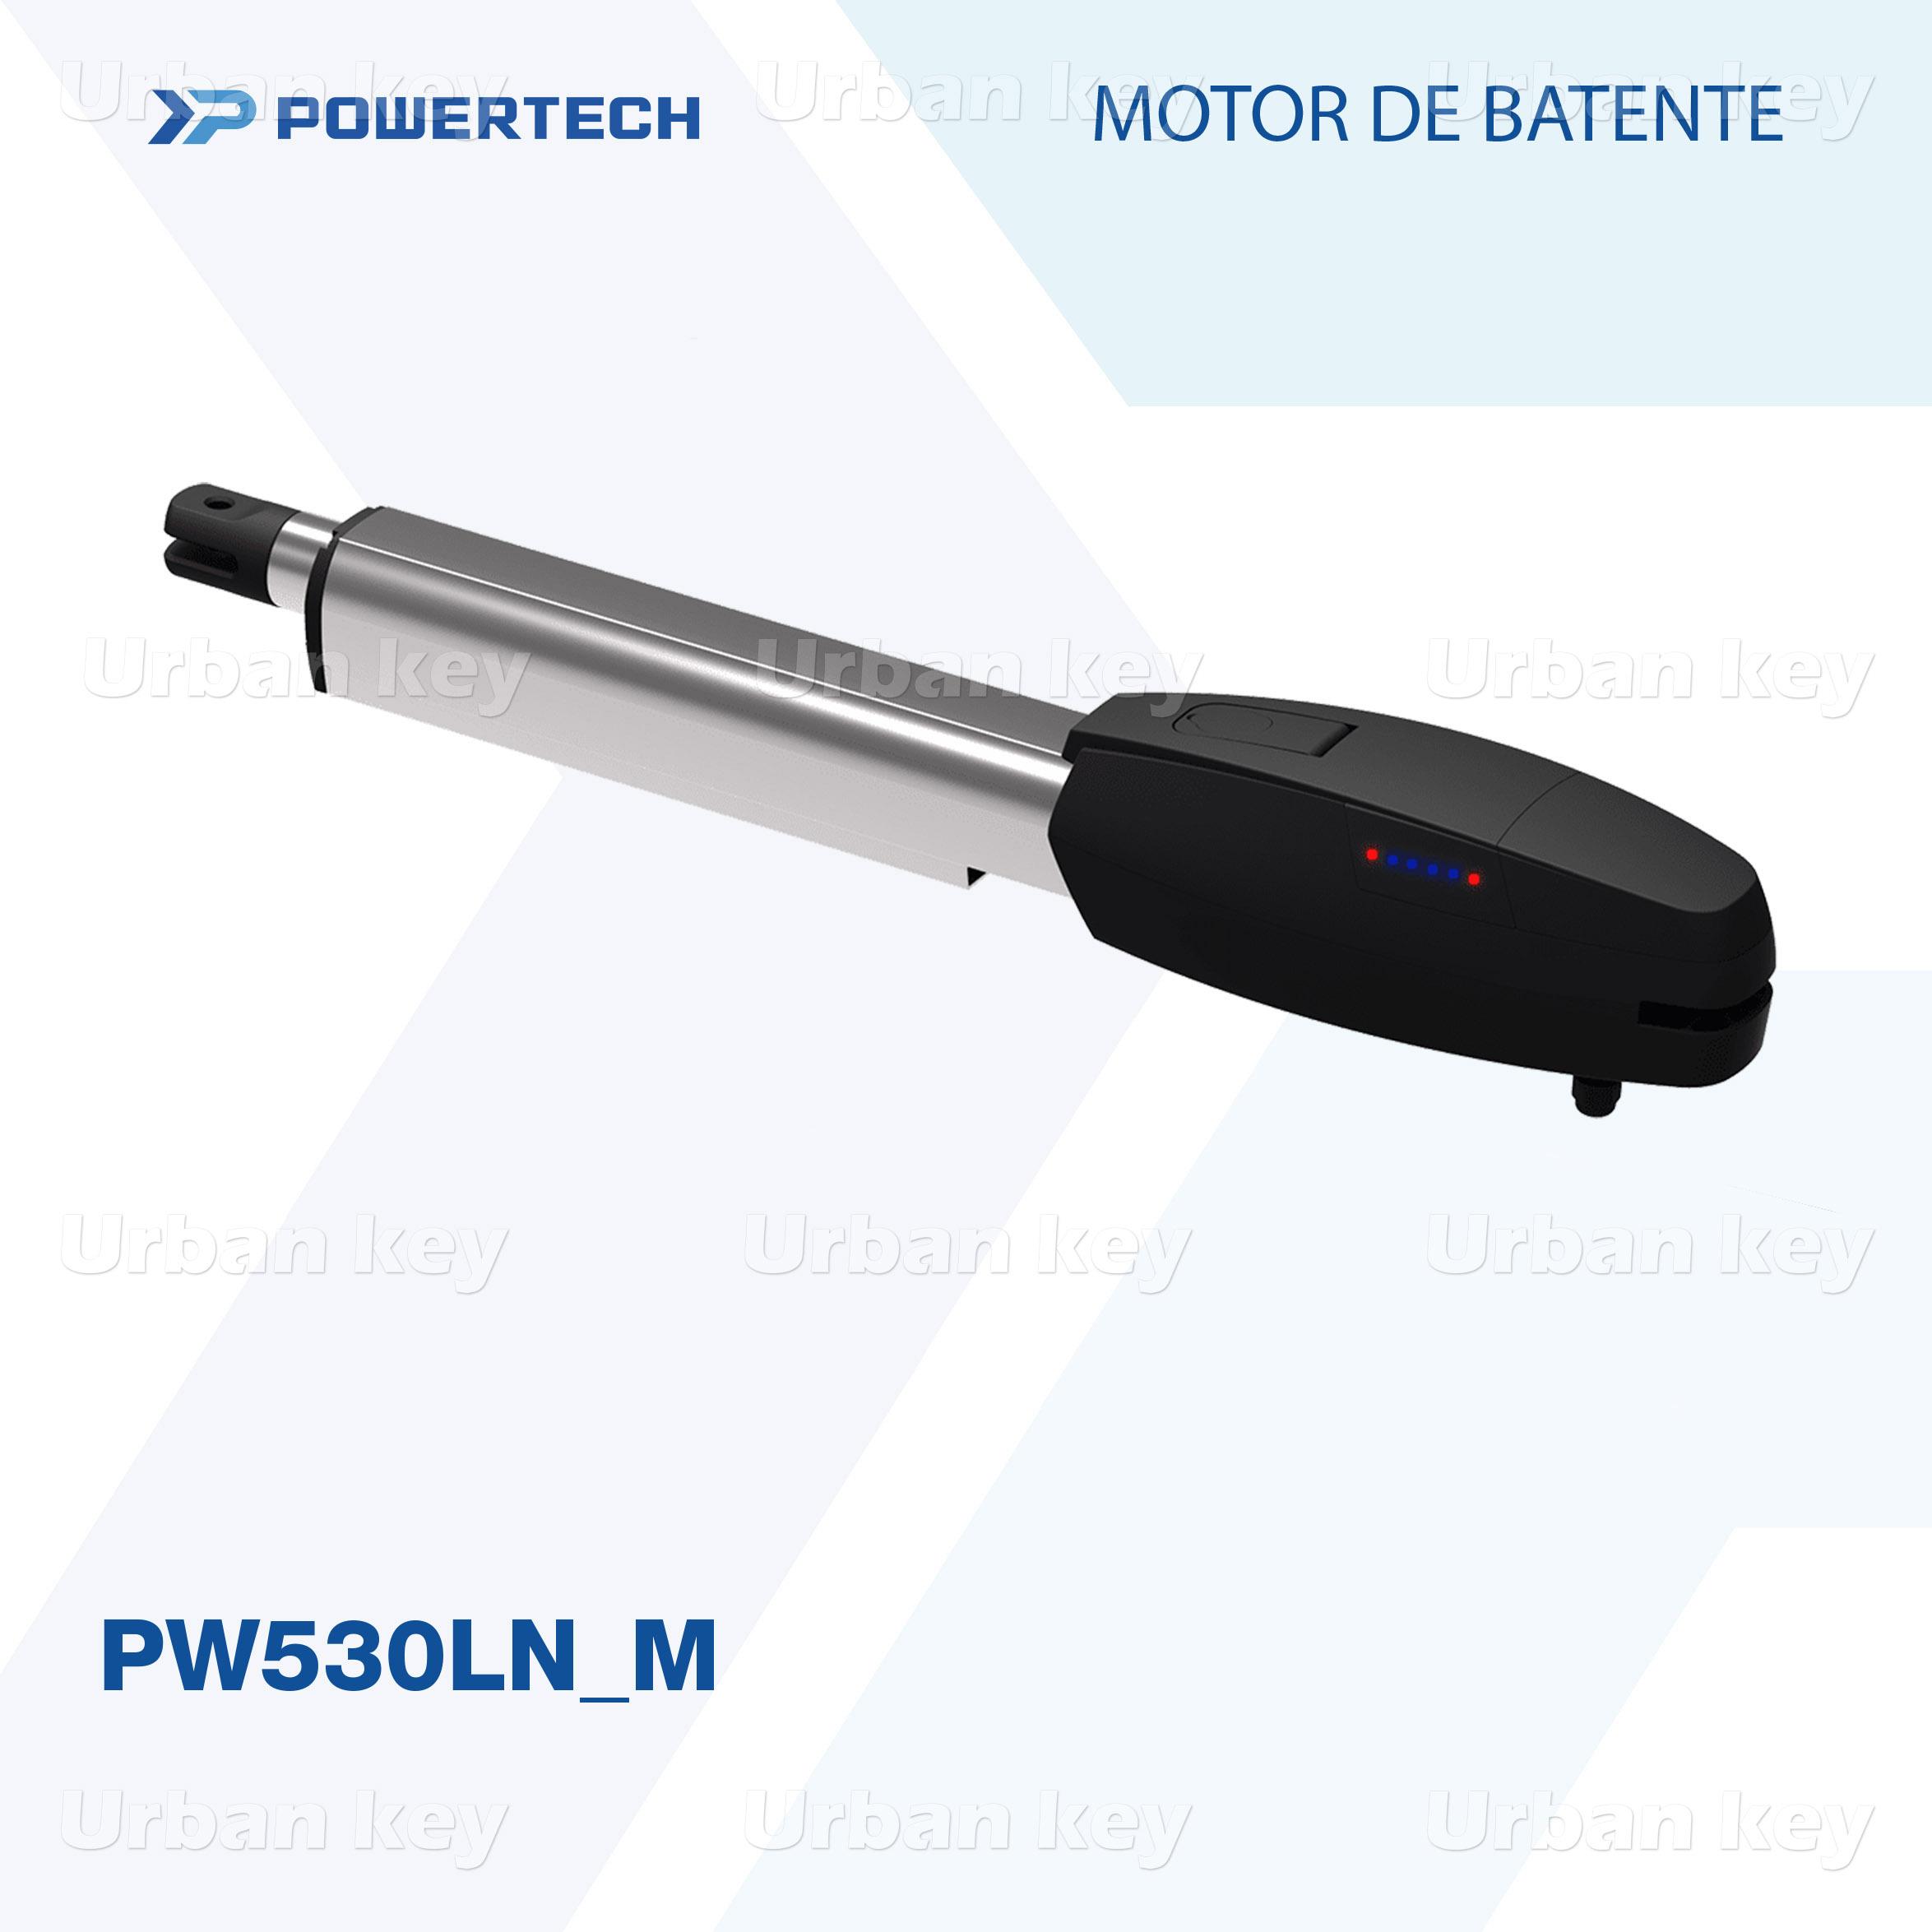 BRACO POWERTECH PW530LN-M 24V